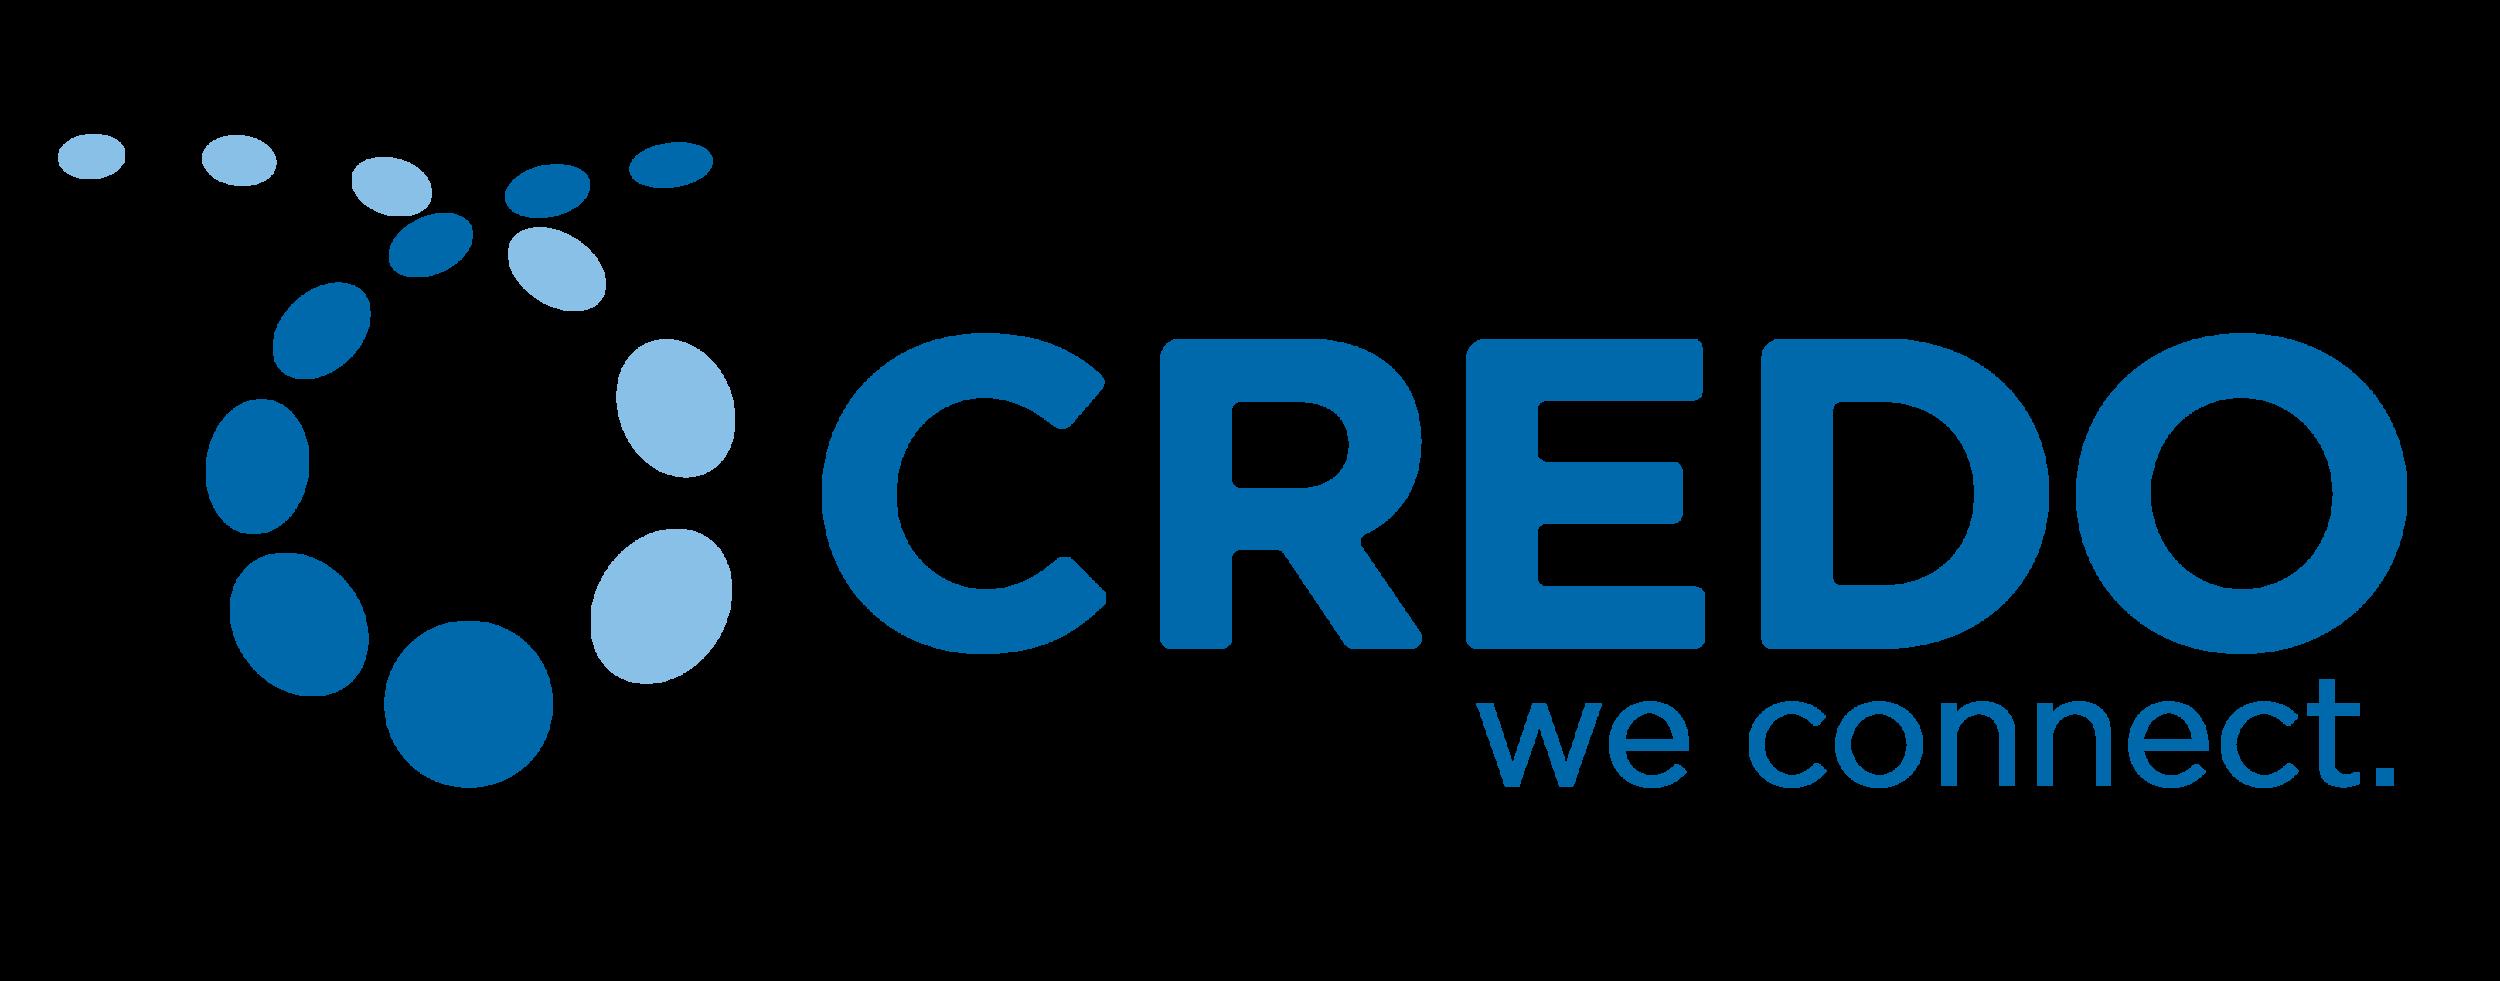 Credo_logo_Hi-Res.png